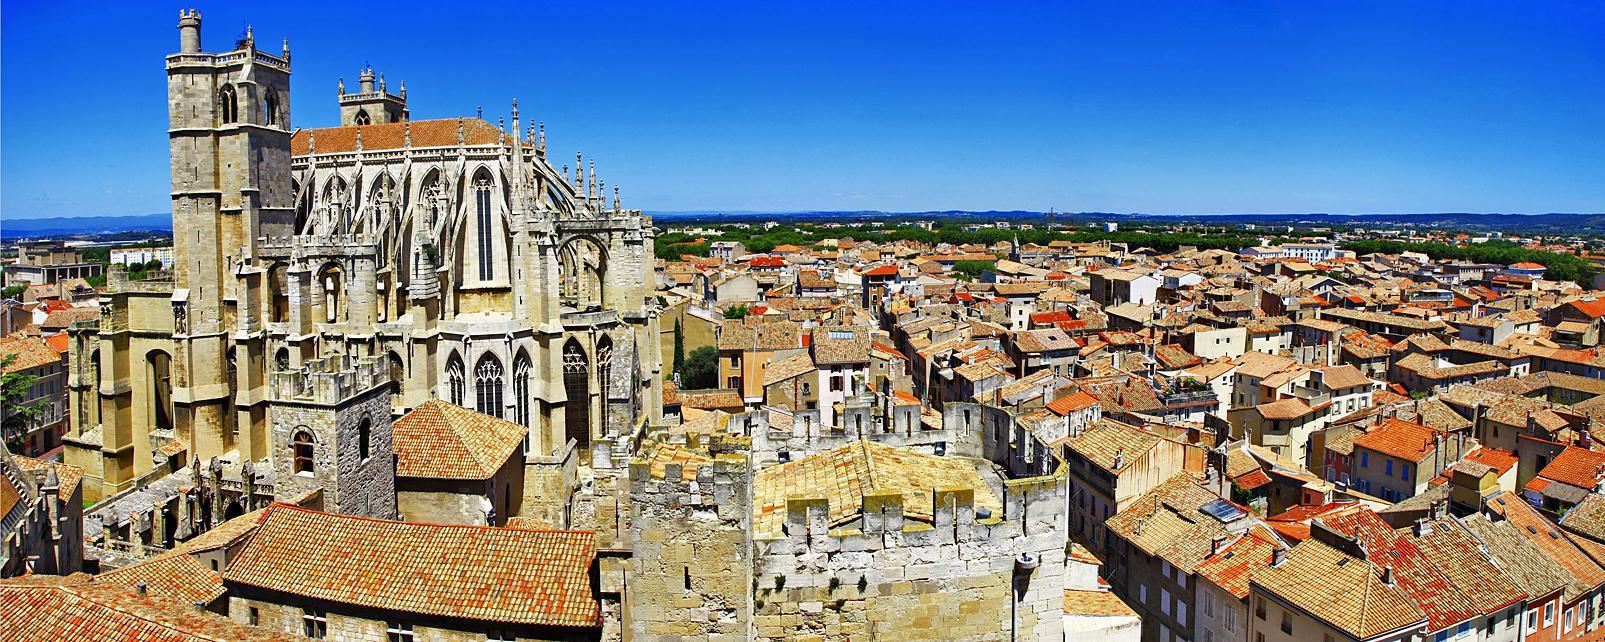 Hotels  Ef Bf Bd Narbonne Ville